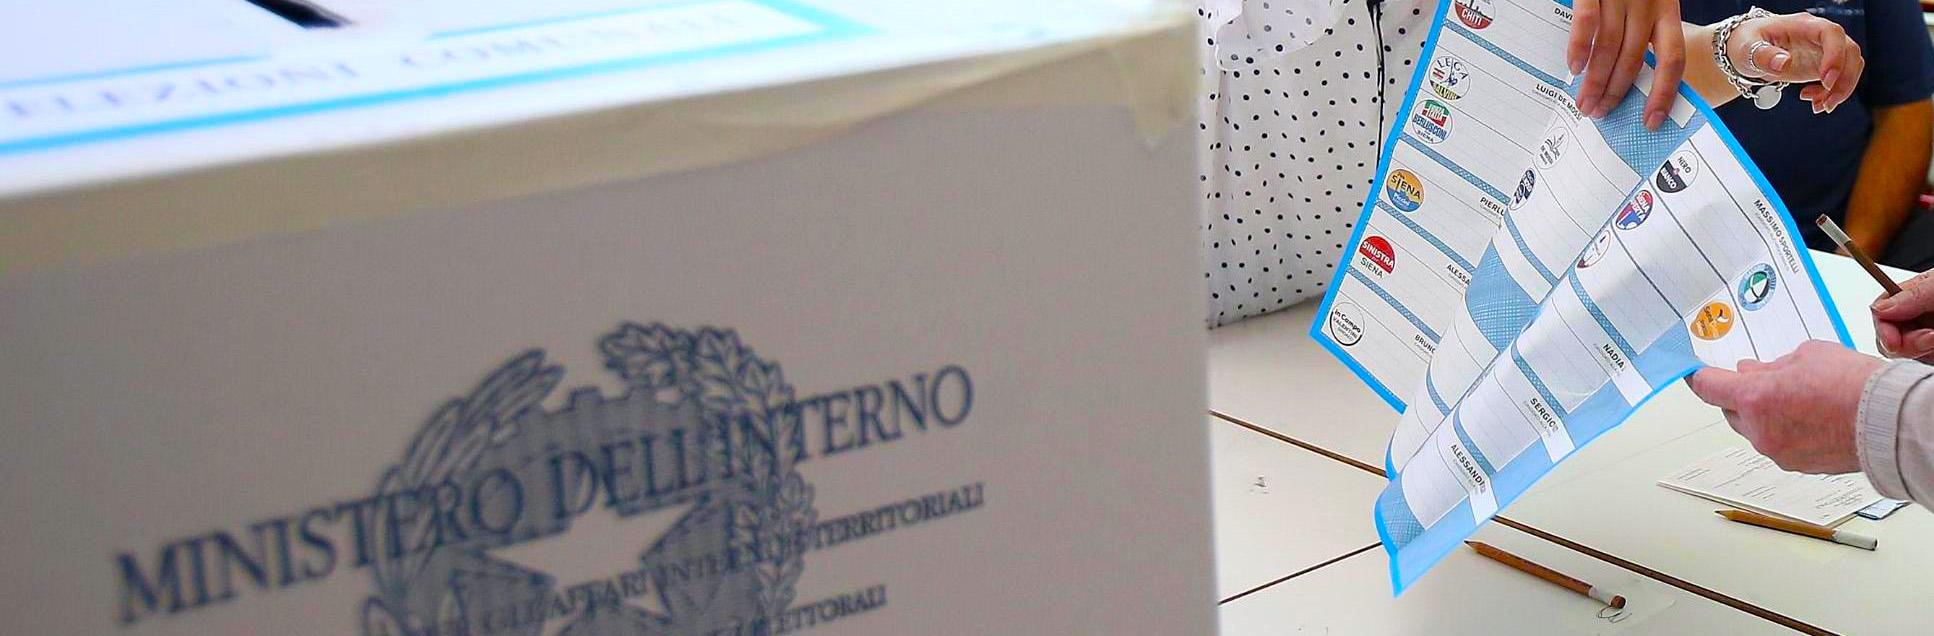 Disposizioni su modalità precauzionali e di sicurezza per la raccolta del voto